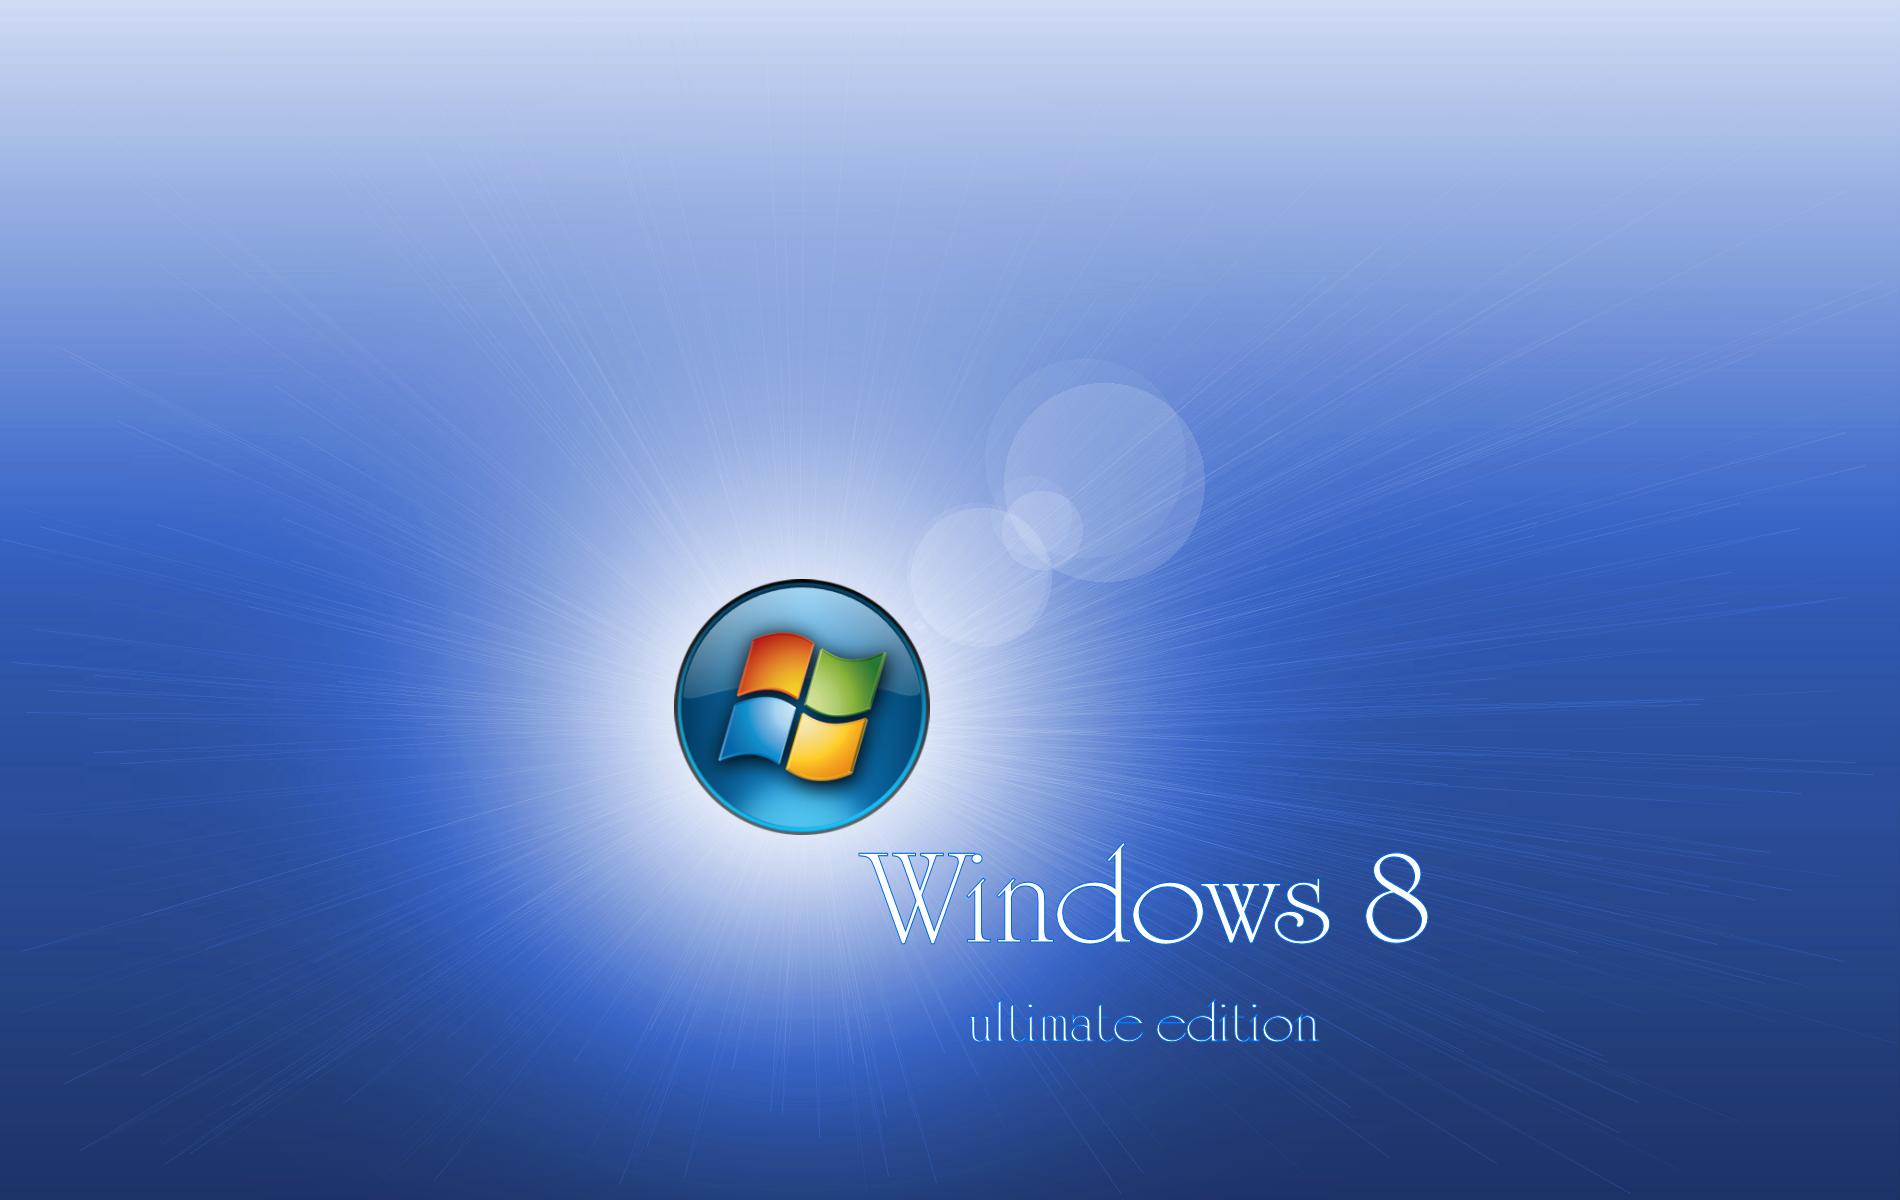 Wallpapers Windows 8 Download Desktop Backgrounds 1900x1200